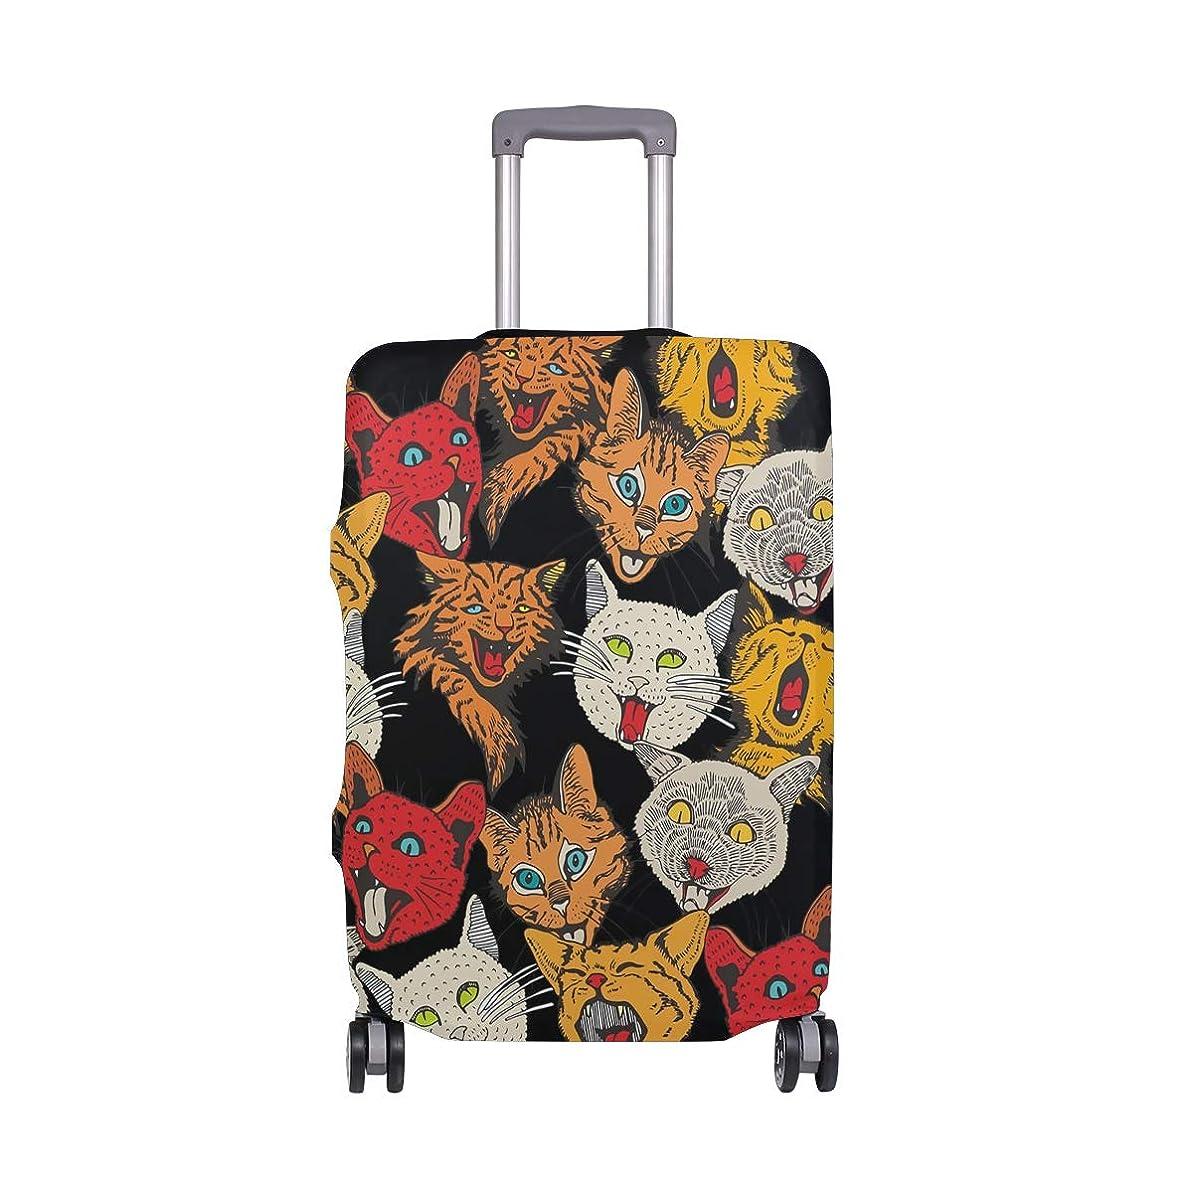 ホラー臭い規定スーツケースカバー 荷物カバー 猫柄 パターン 伸縮素材 ラゲッジカバー 防塵 擦り傷防止 トラベルアクセサリ 旅行